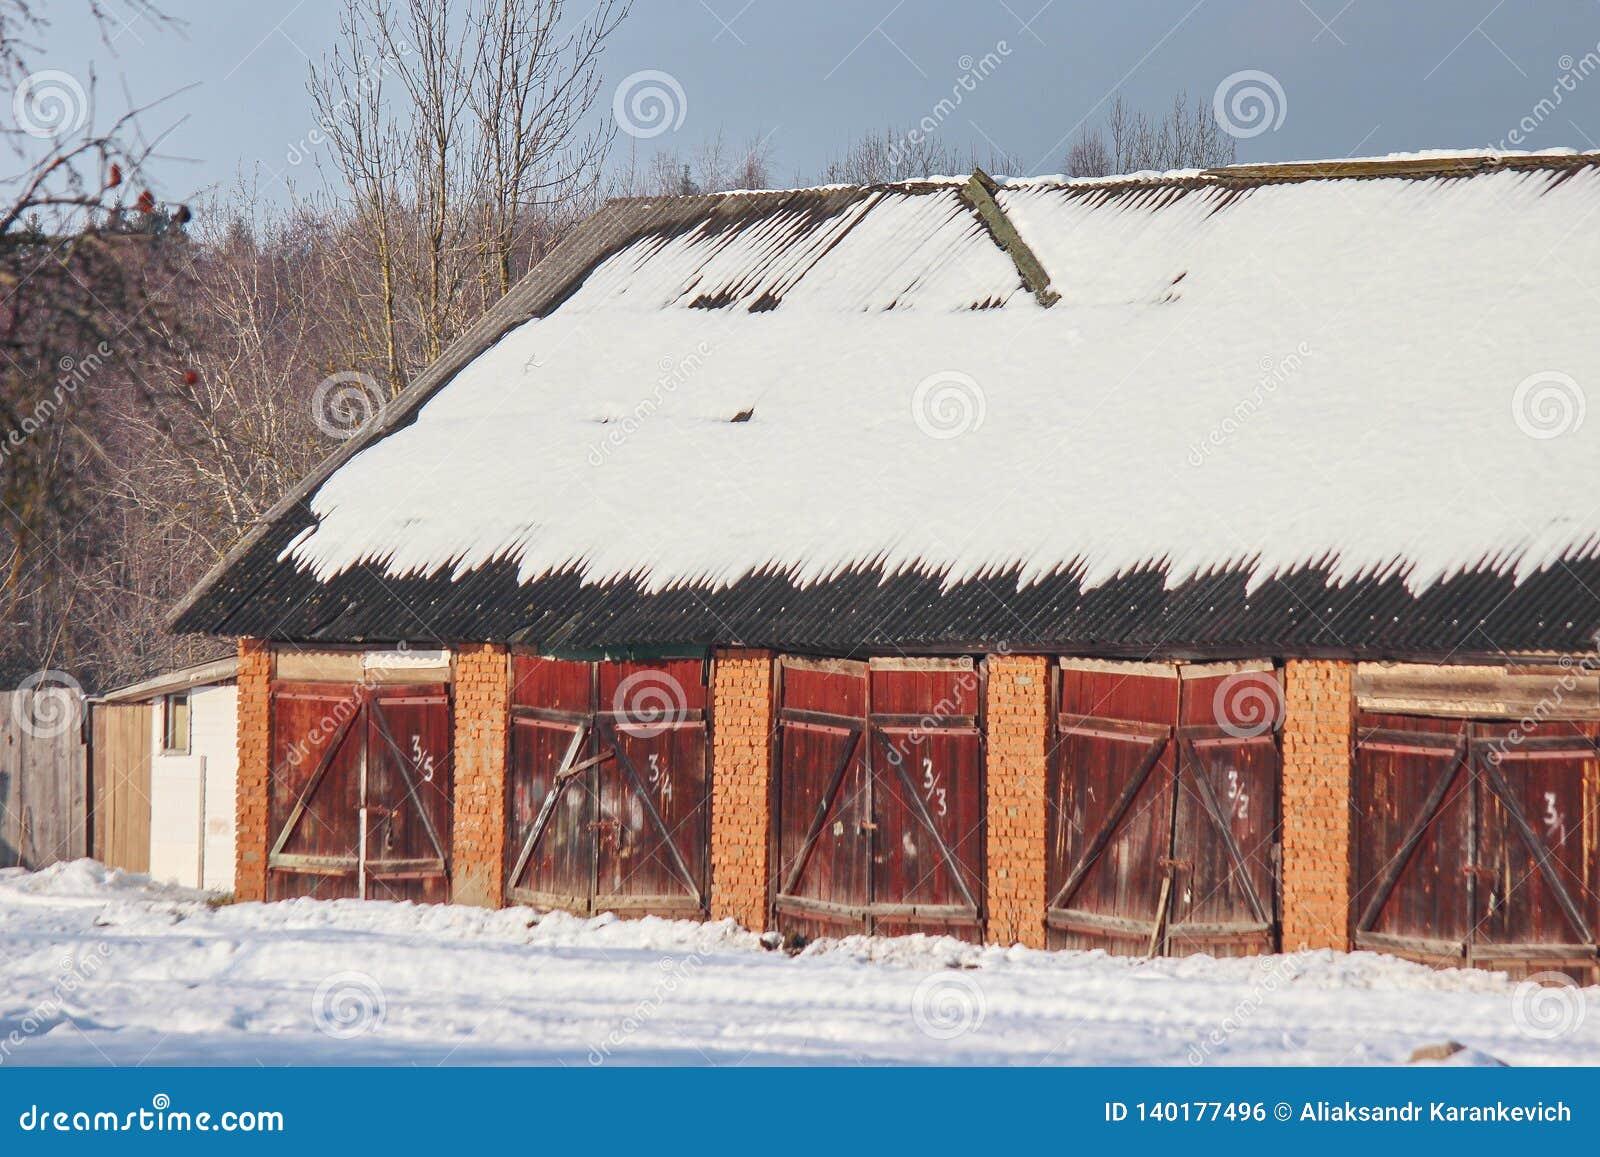 Garajes o vertientes públicos del pueblo en invierno en un día soleado La nieve en el tejado se numera las entradas